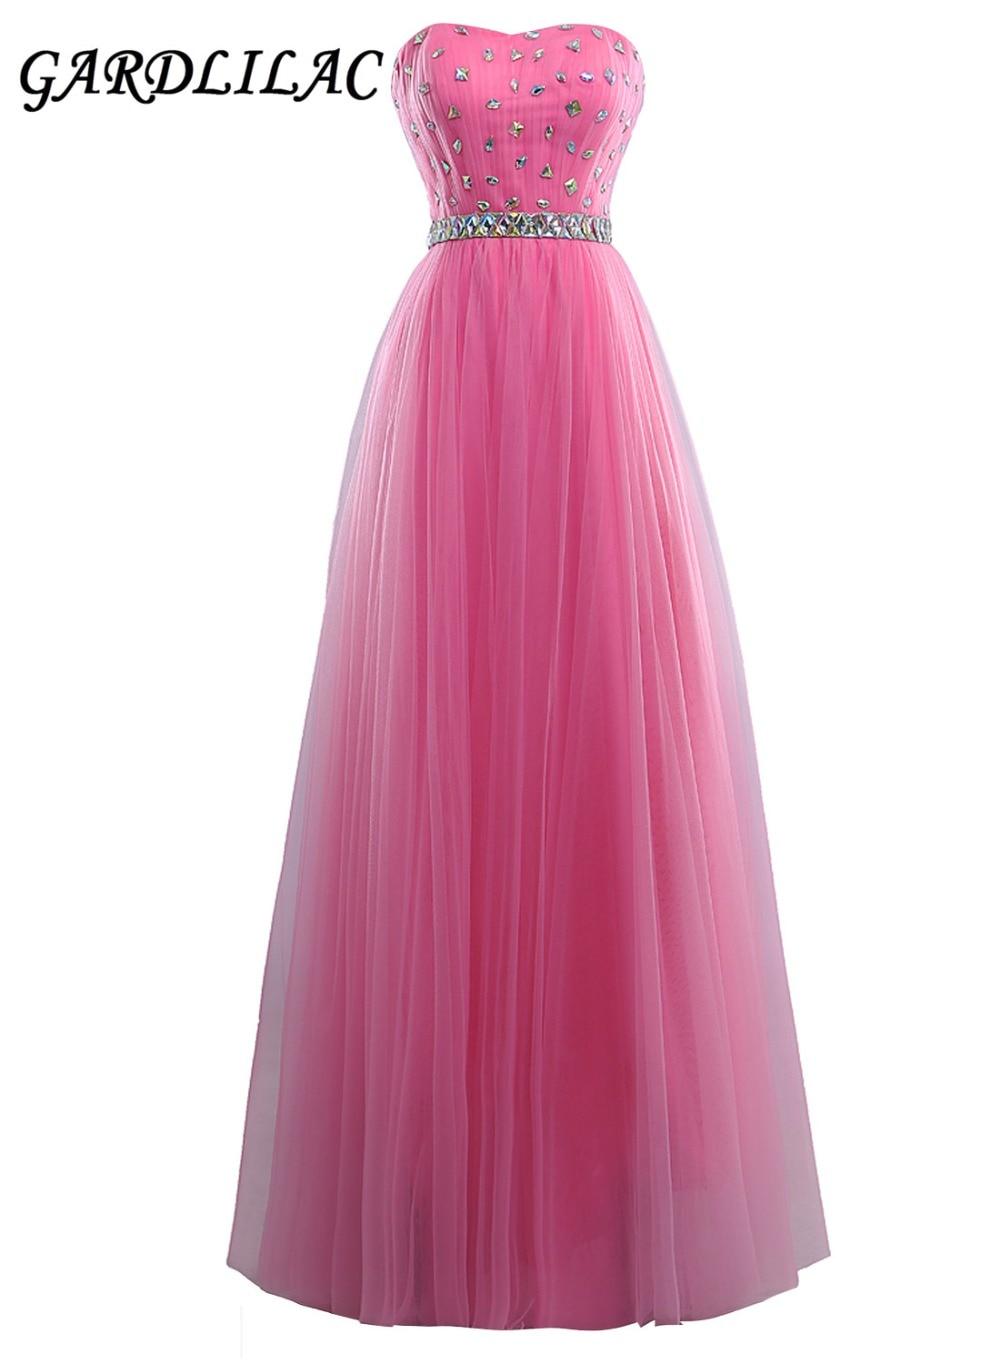 Novi bez naramenica Ružičasta Duge haljine djeveruša 2019 Plus veličina vjenčanja haljina tila s perlicama devojka časti Prom haljina  t